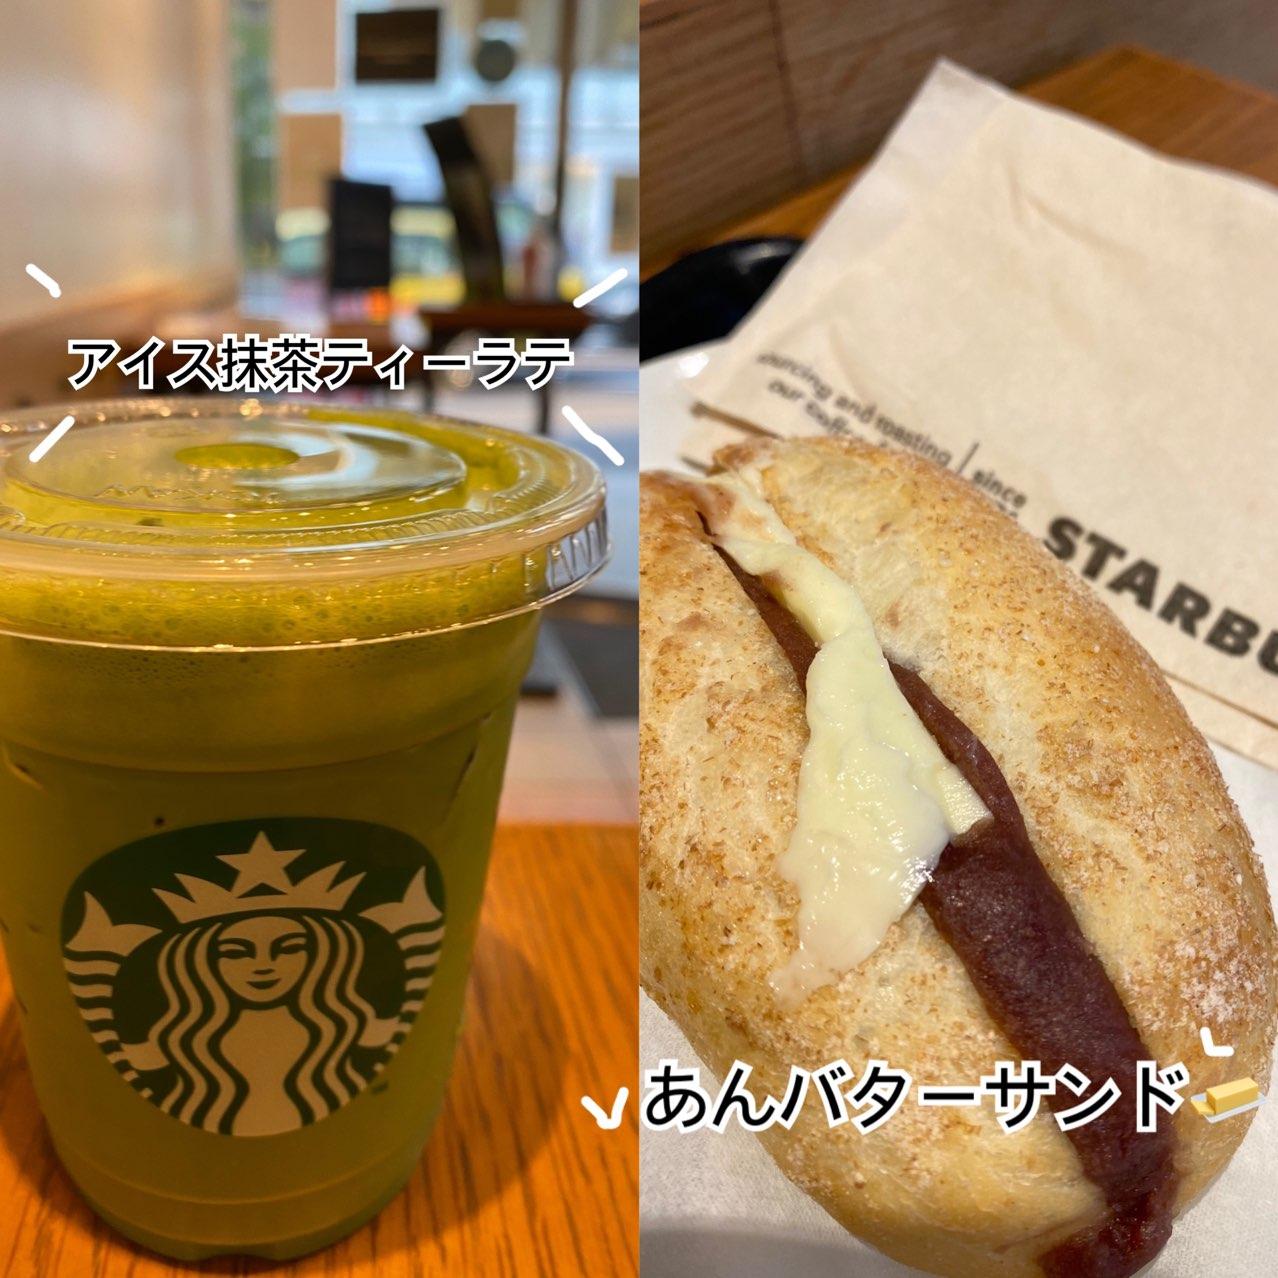 【スタバ新作】店員さんおすすめ!アイス抹茶 ティー ラテをカスタマイズしてみた♡_1